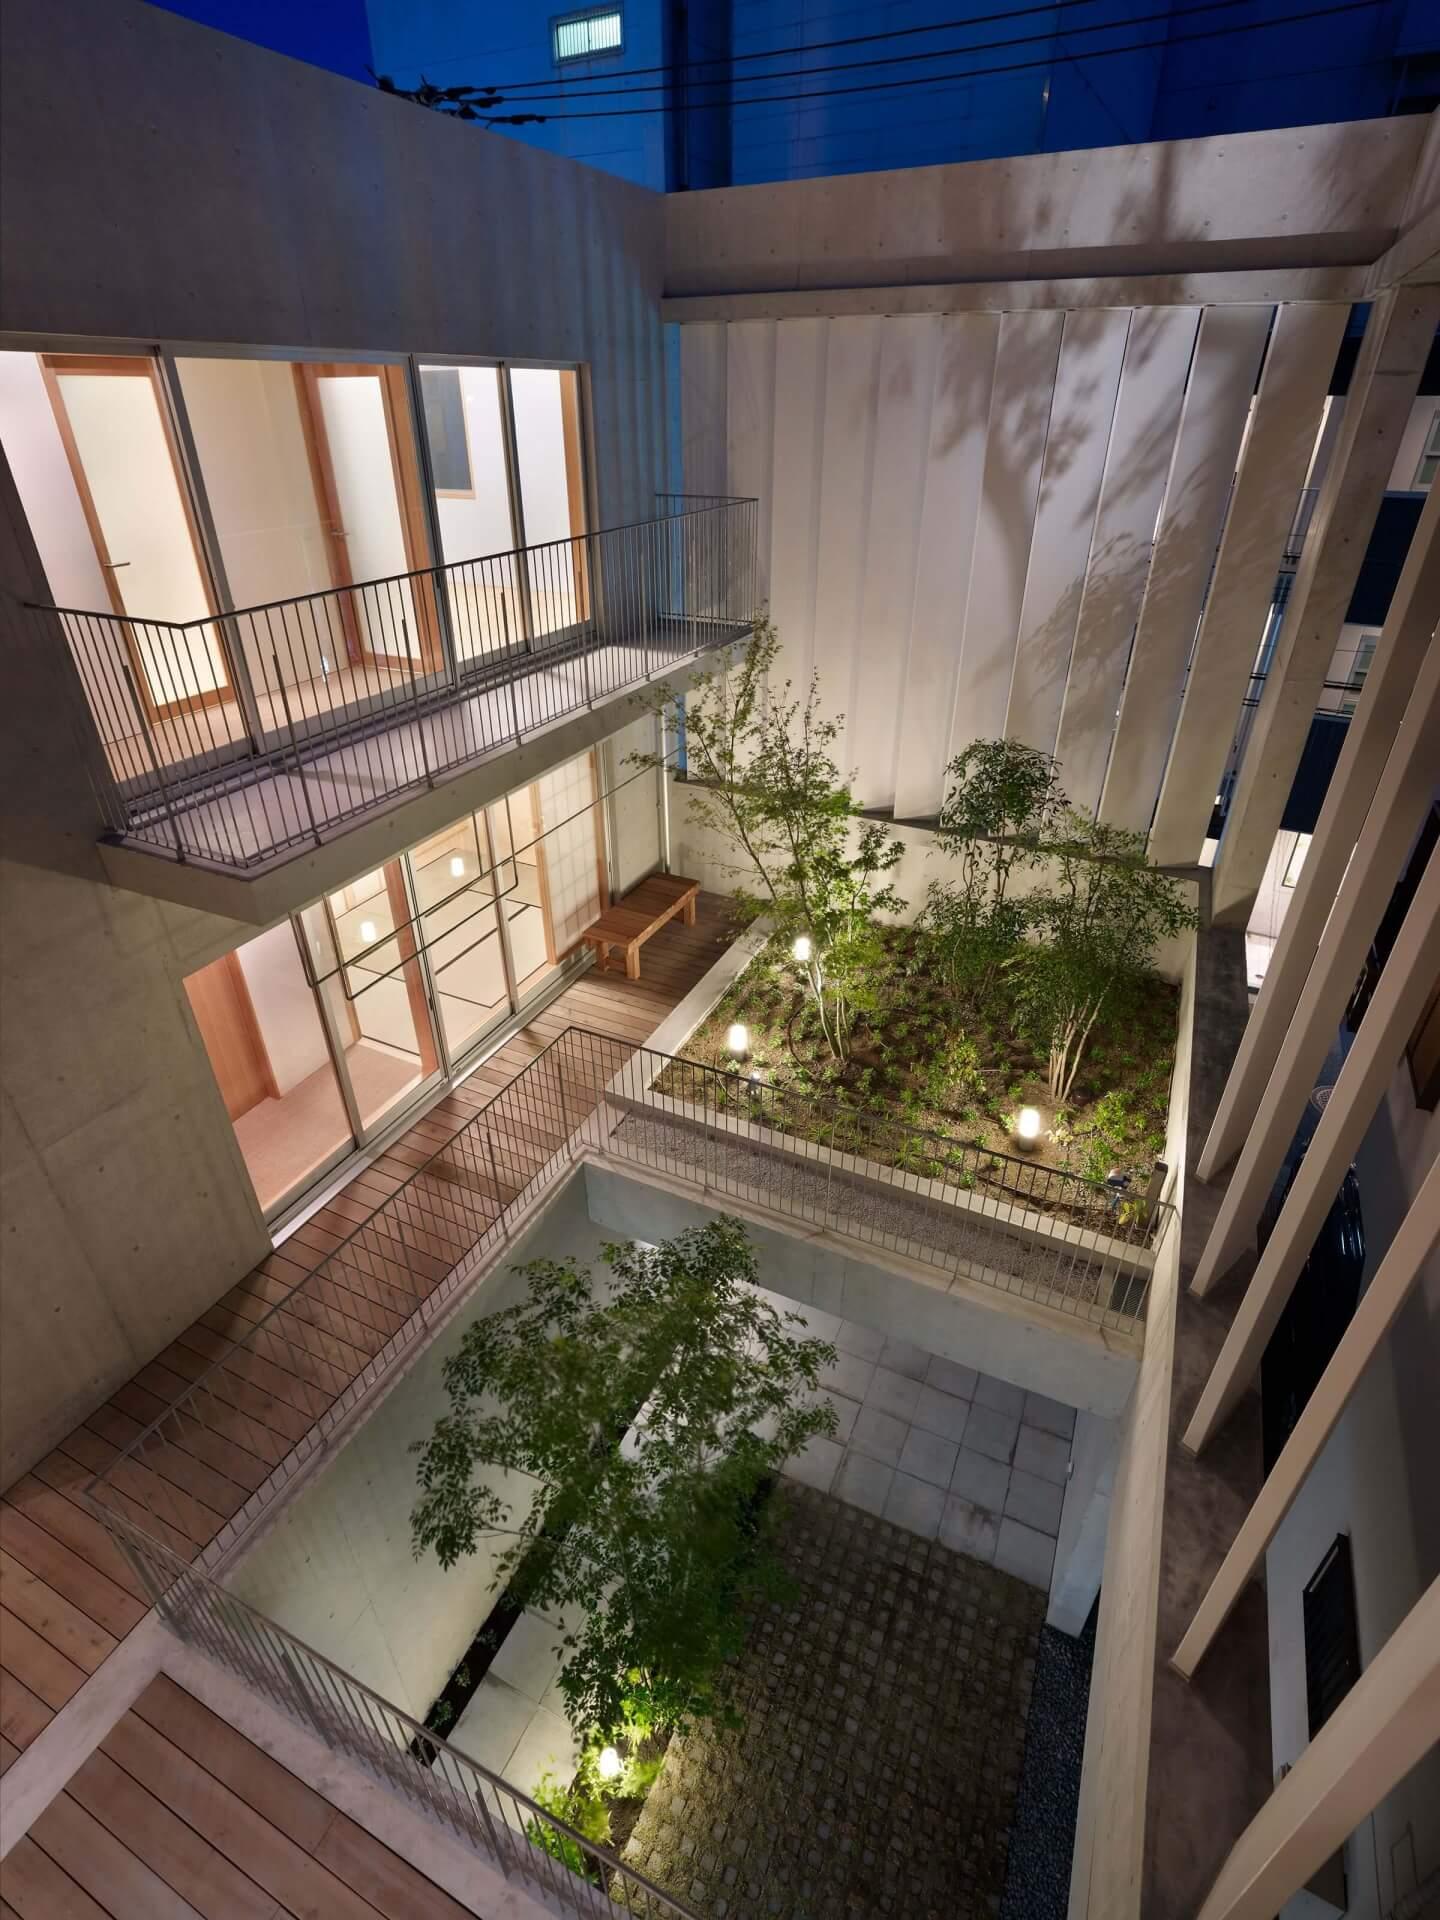 鶴見の住宅、夜の中庭3Fからの眺め